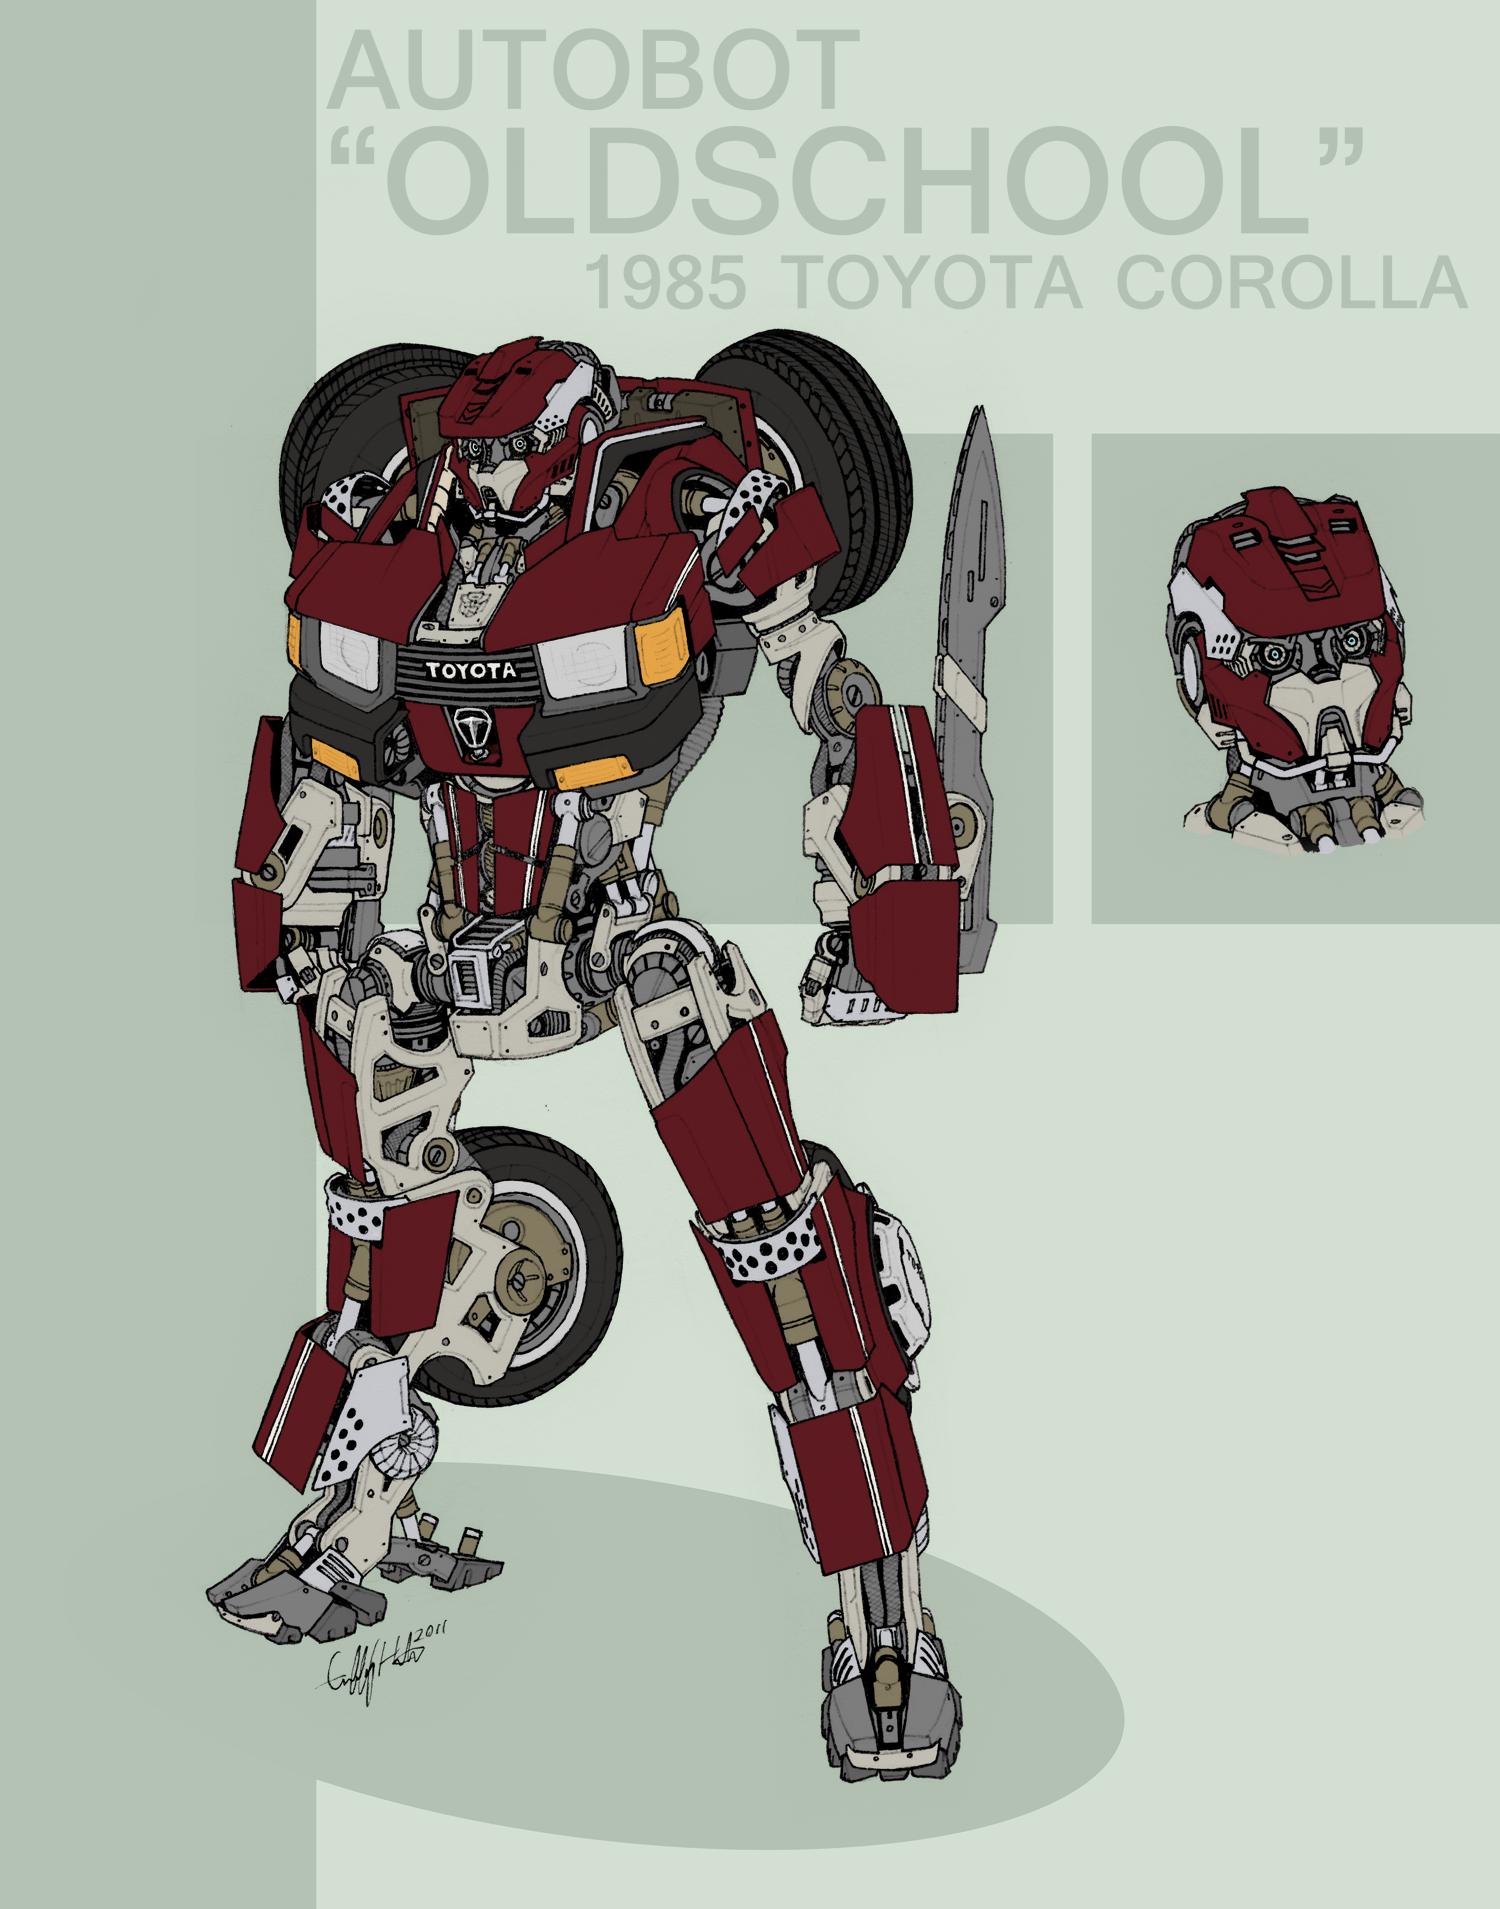 Autobot 'Oldschool' by Tekka-Croe